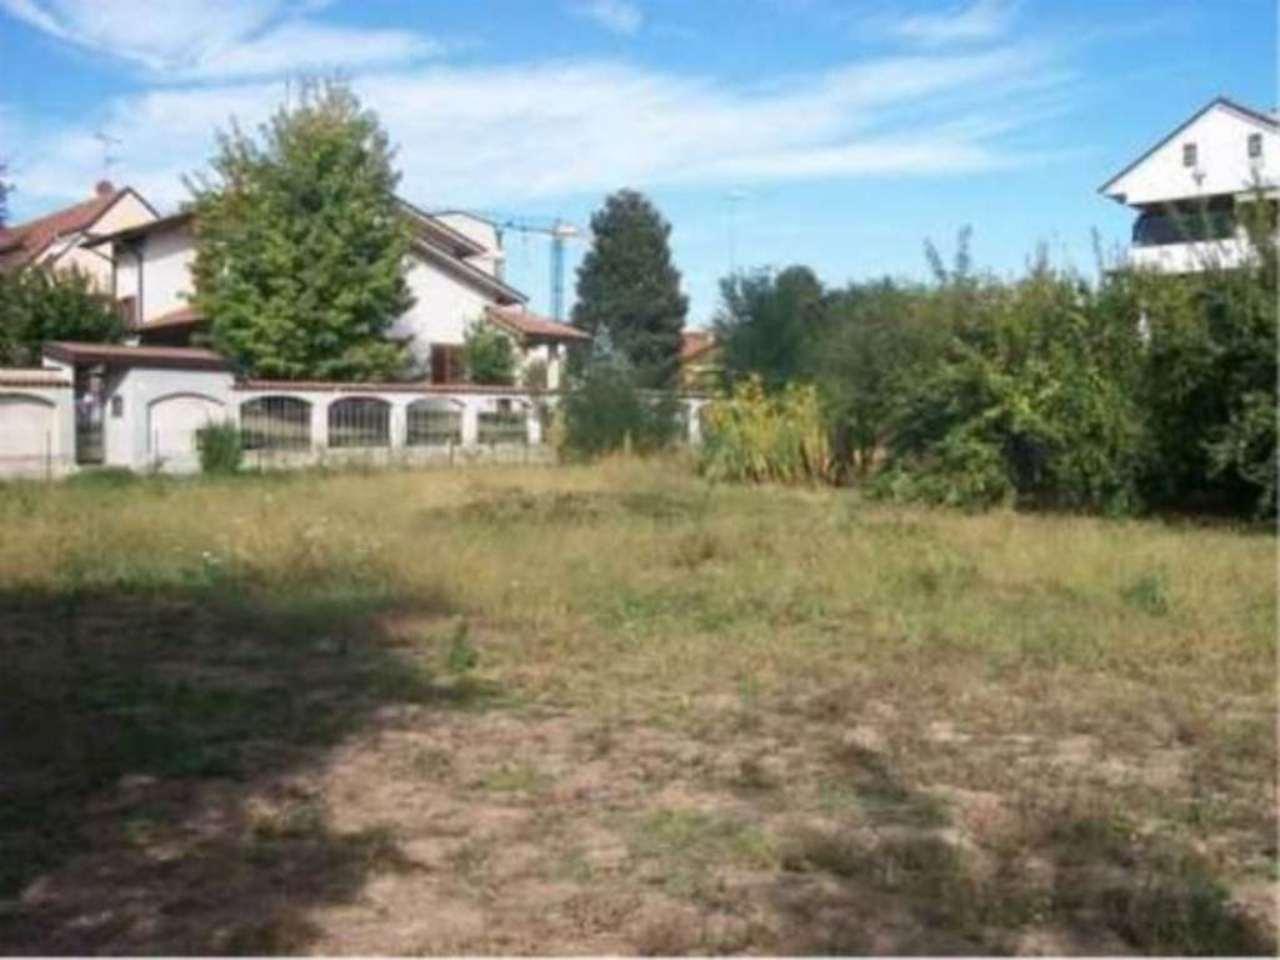 Terreno Edificabile Residenziale in vendita a Bollate, 9999 locali, prezzo € 820.000 | Cambio Casa.it